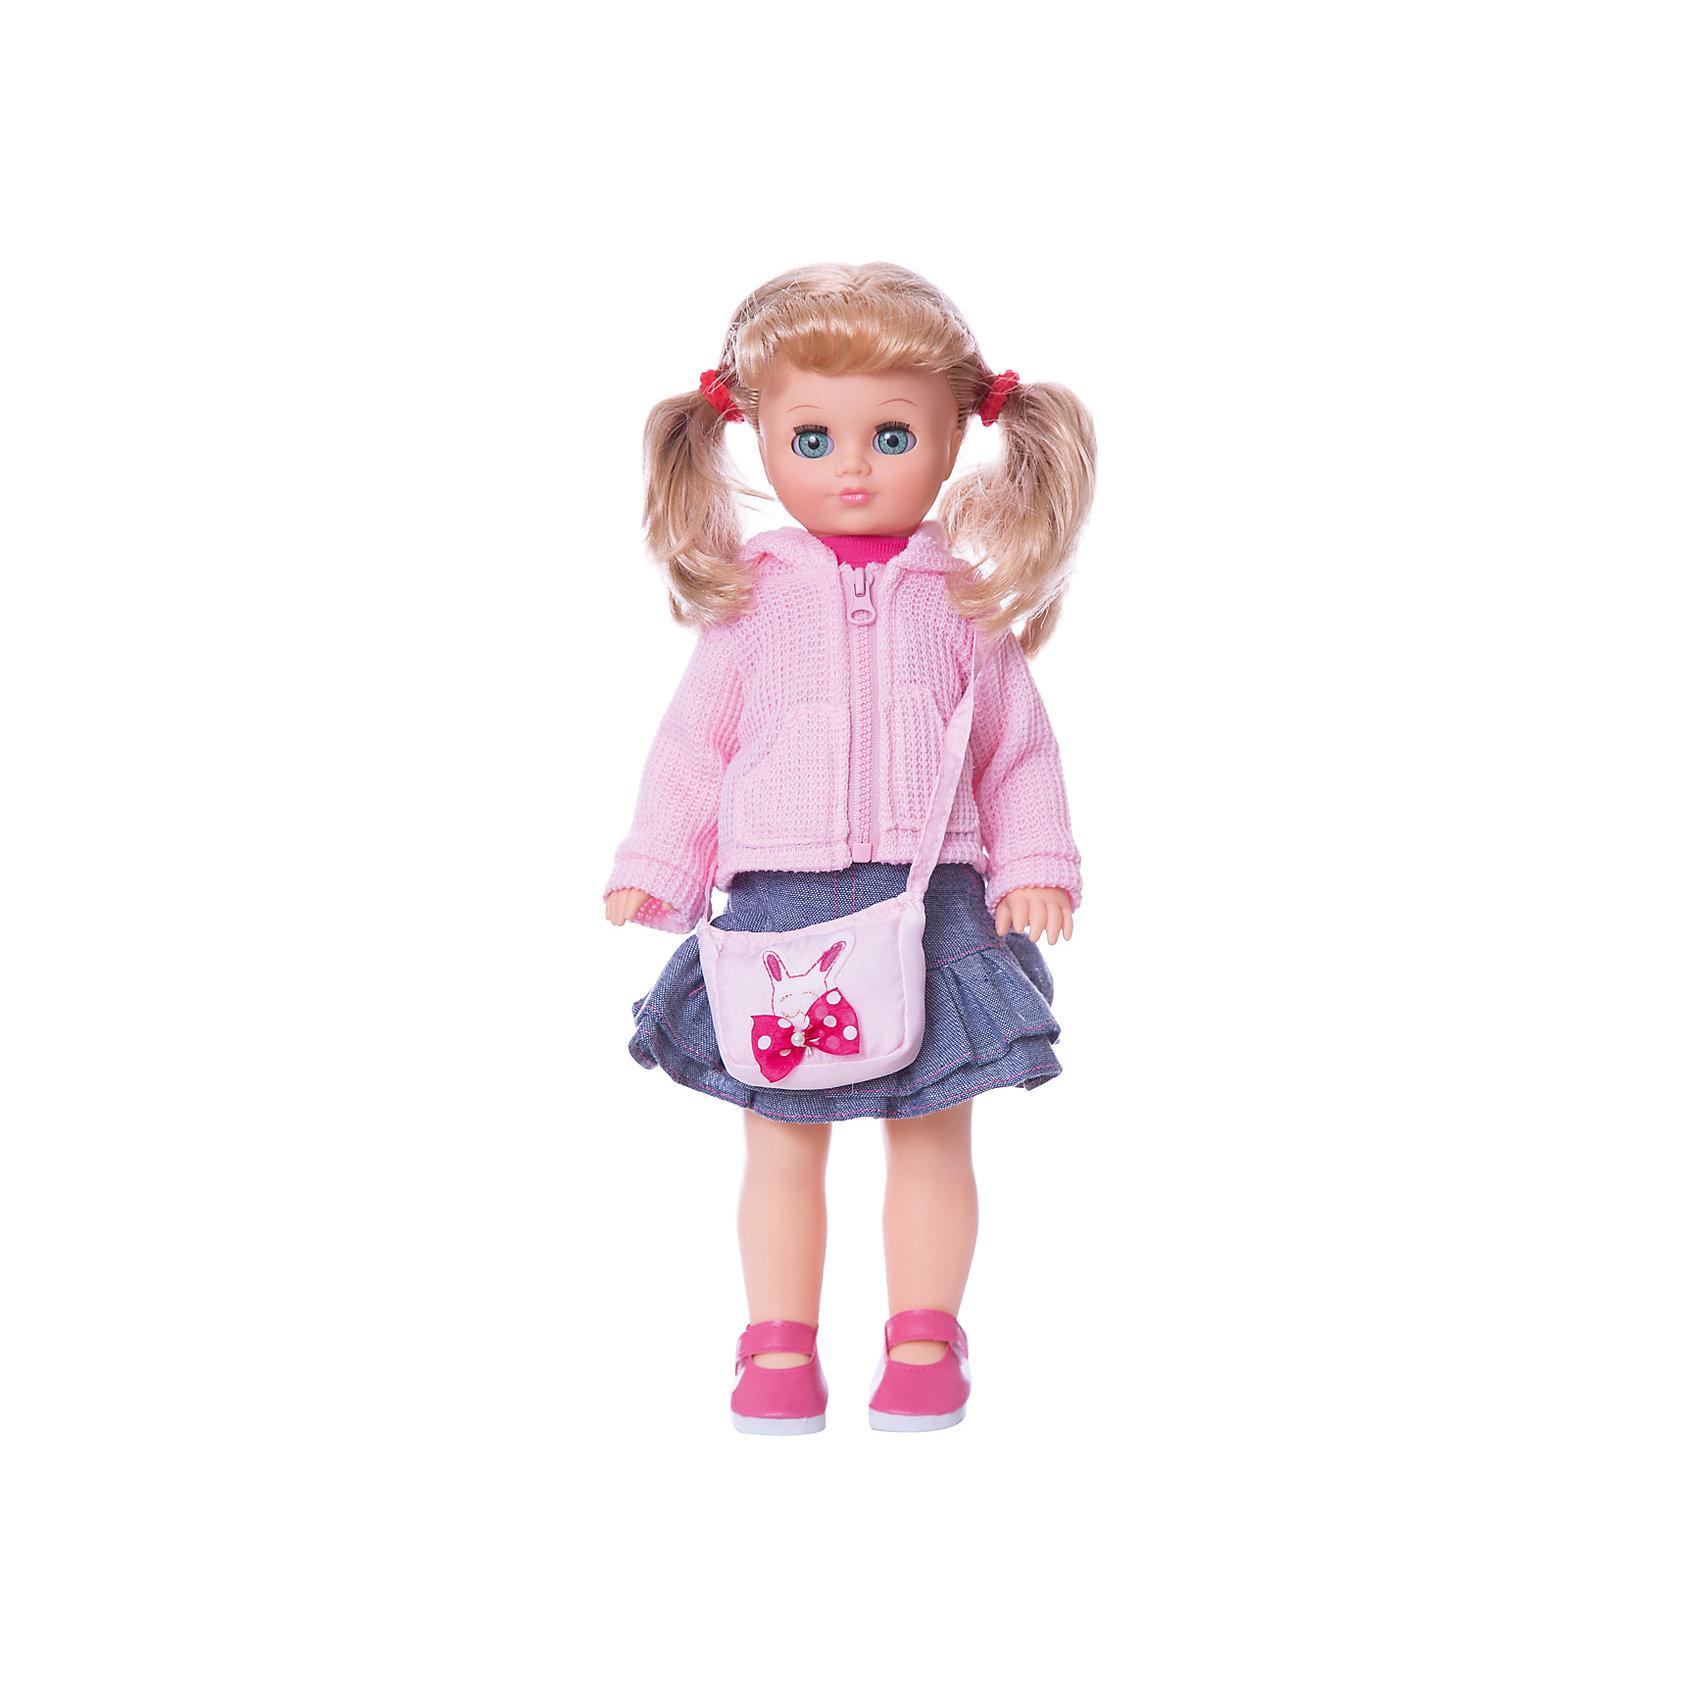 Весна Кукла Лиза 18, со звуком, Весна весна алиса 18 со звуком с232 о